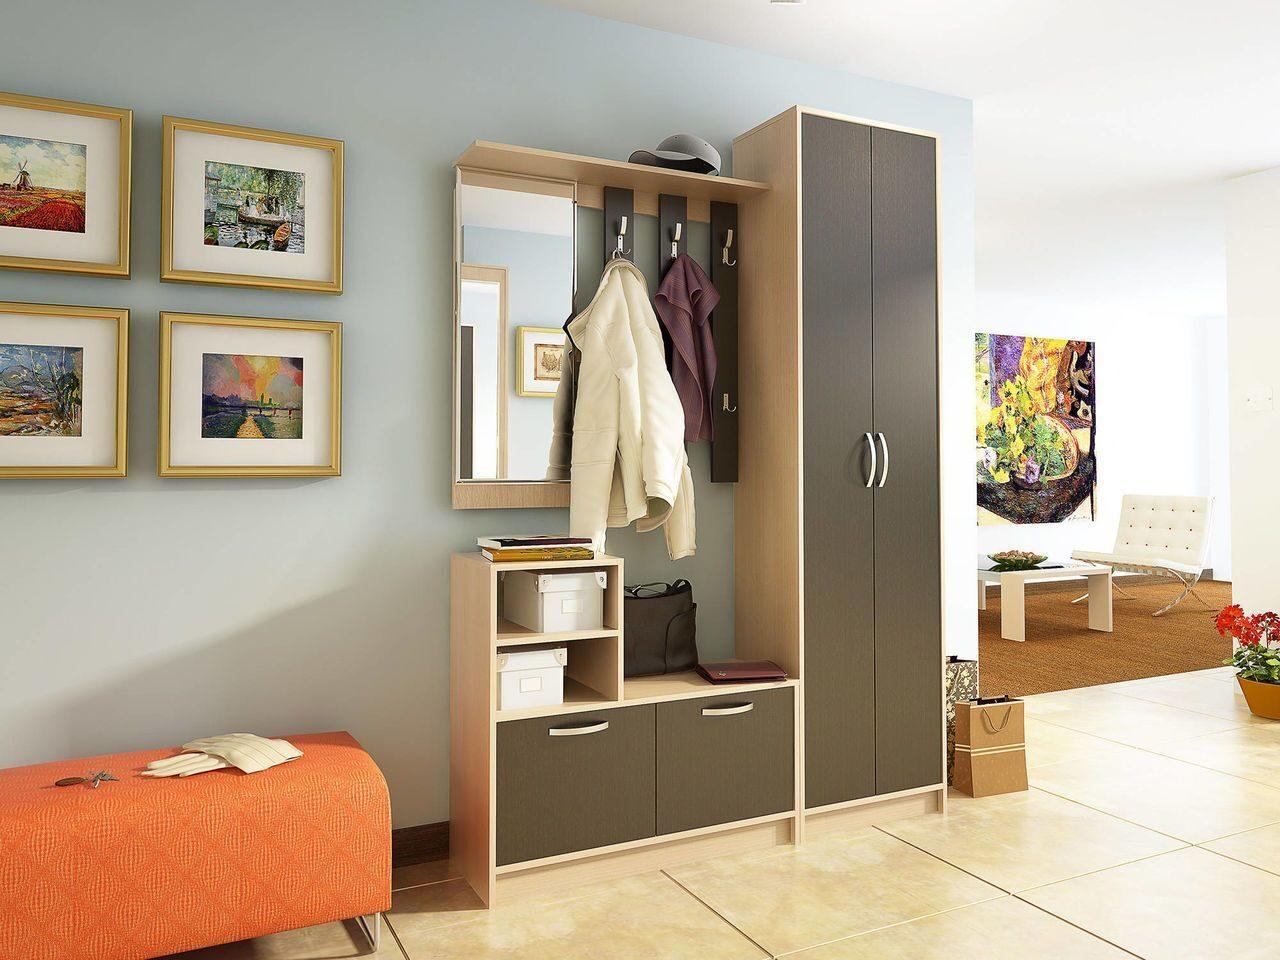 Мебель для прихожей по индивидуальным размерам на заказ в мо.